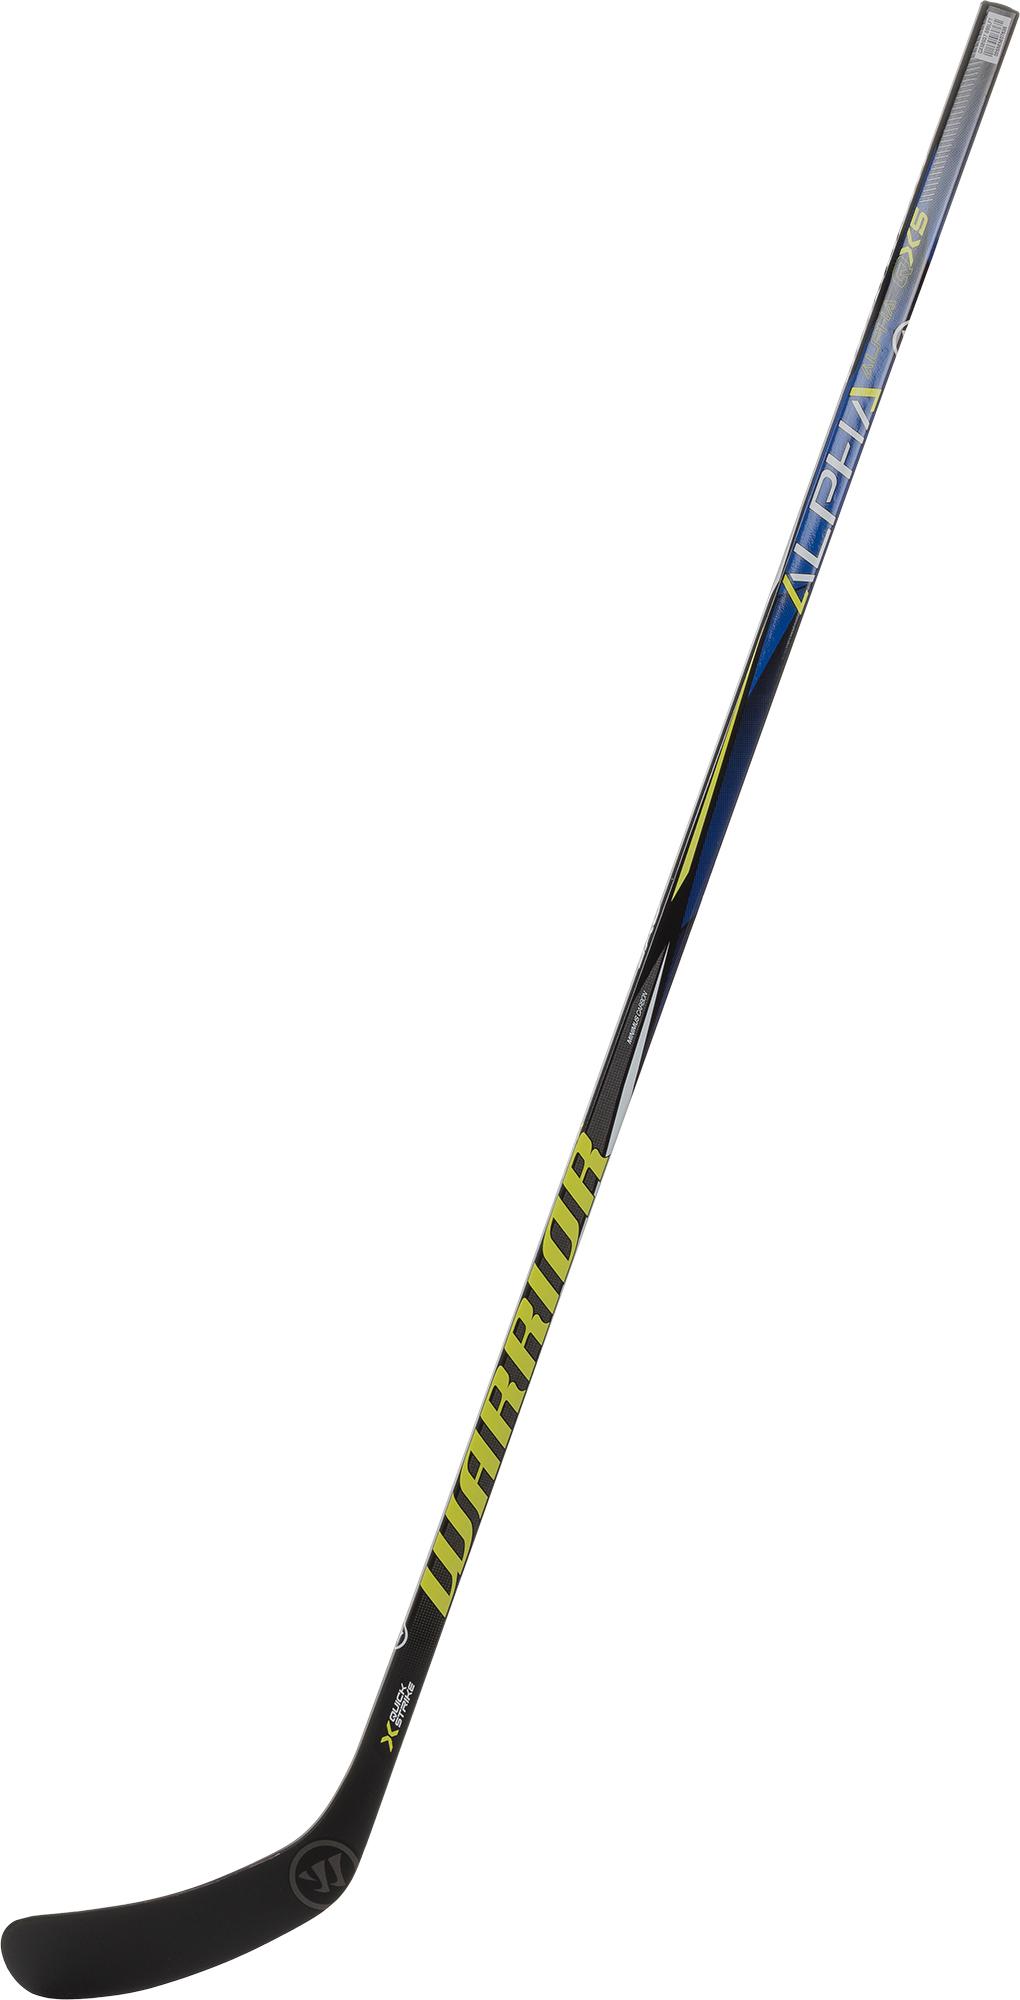 WARRIOR Клюшка хоккейная WARRIOR Alpha QX5 SR, размер R все цены